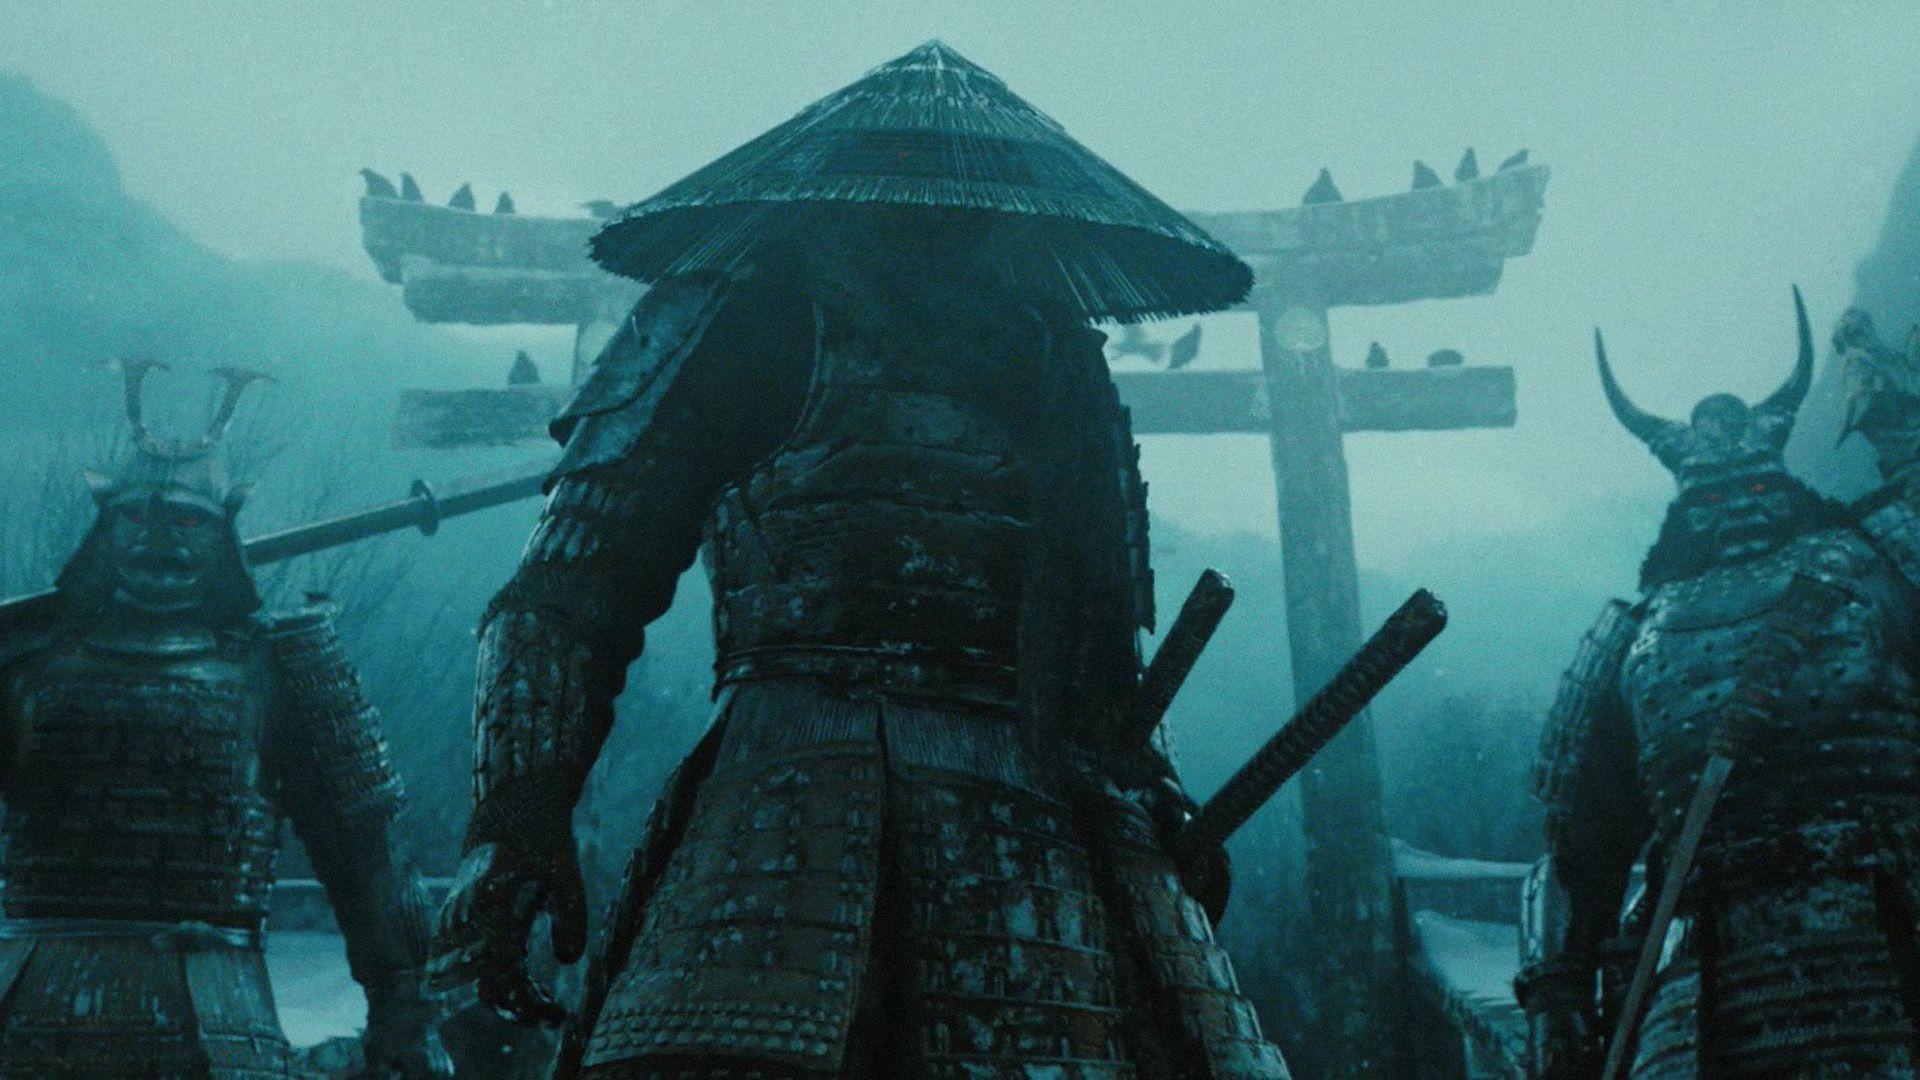 Wallpapers For > Cool Samurai Wallpaper